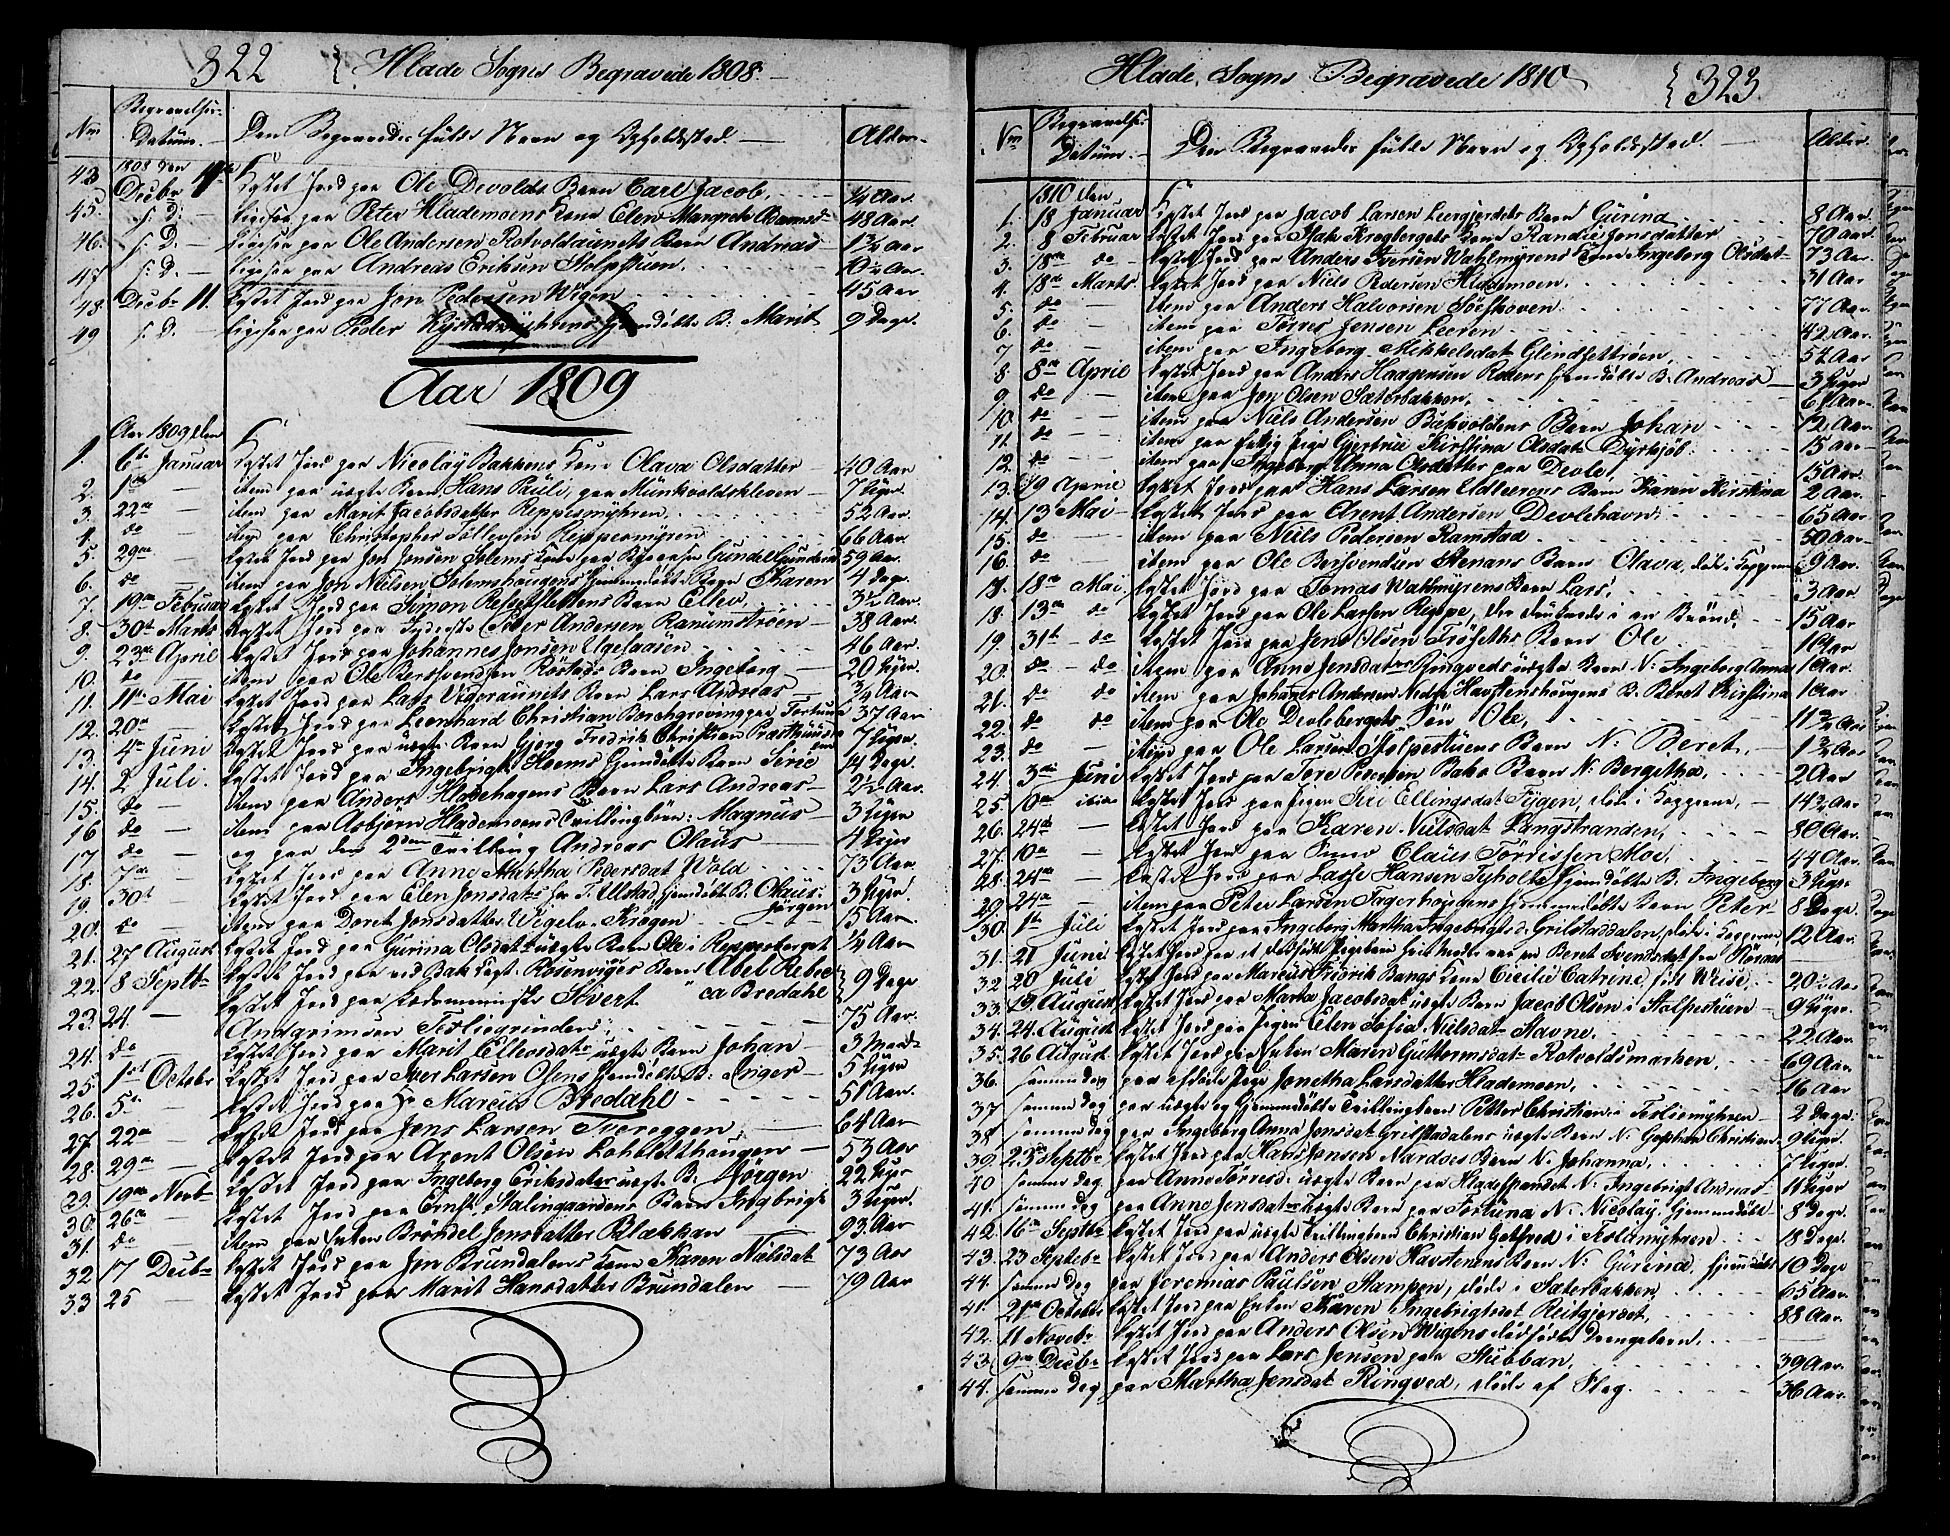 SAT, Ministerialprotokoller, klokkerbøker og fødselsregistre - Sør-Trøndelag, 606/L0306: Klokkerbok nr. 606C02, 1797-1829, s. 322-323